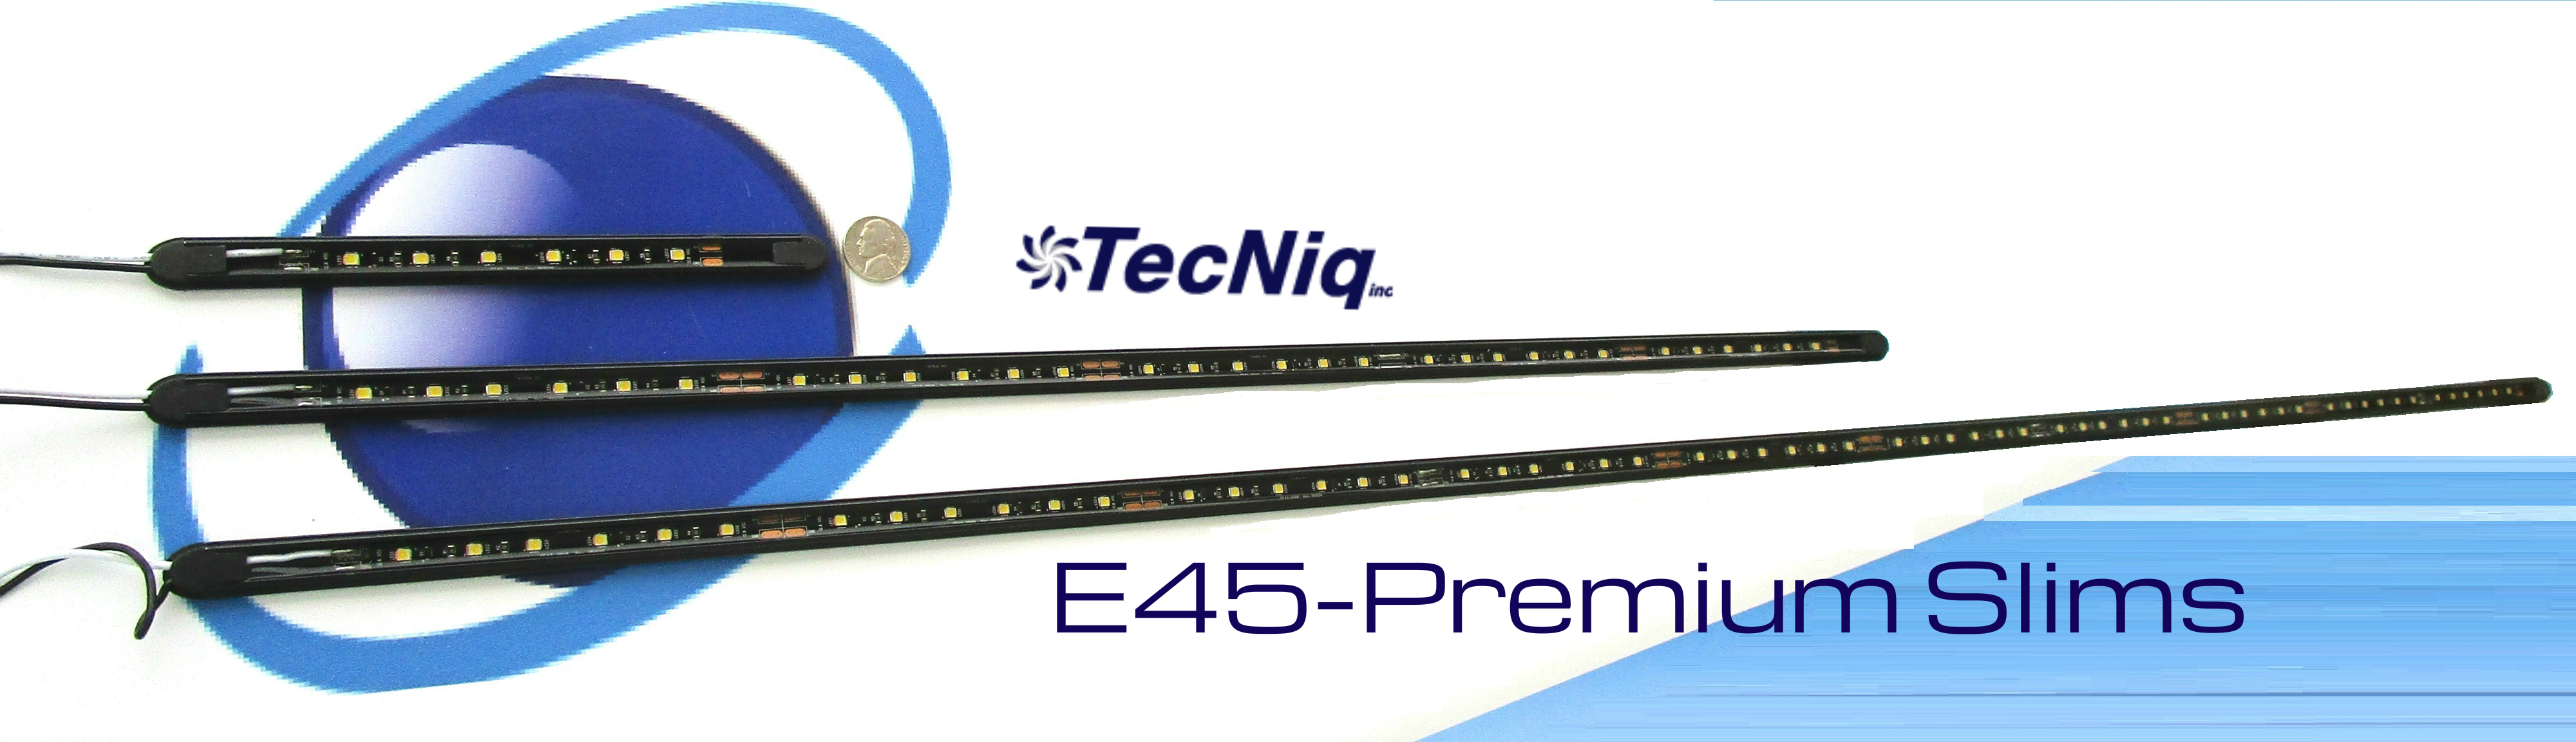 e45-tecniq-premium-slim-lights.jpg